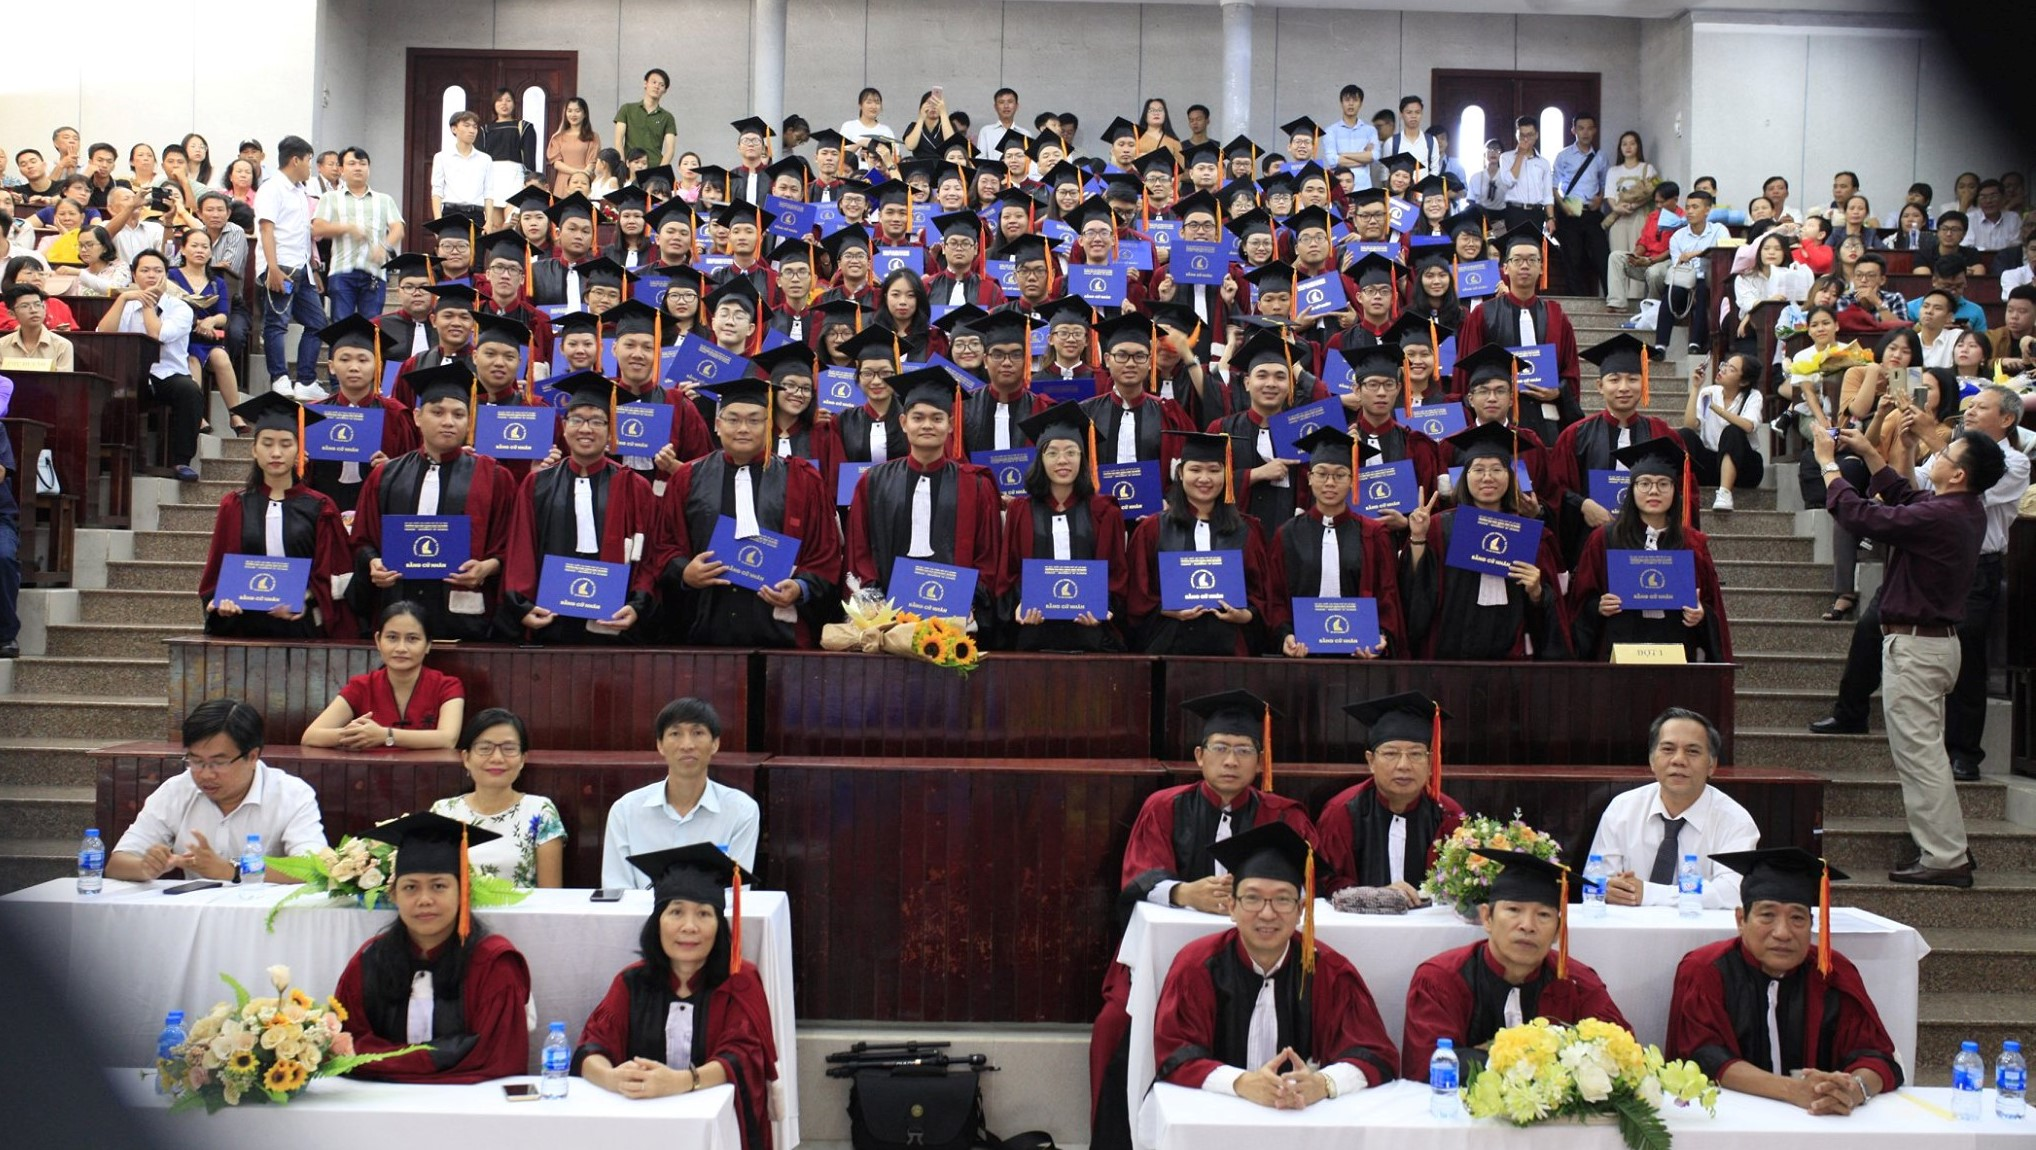 THÔNG BÁO  V/v Tổ chức Lễ trao bằng tốt nghiệp Cử nhân Khoa Vật lý - VLKT Khóa 2016